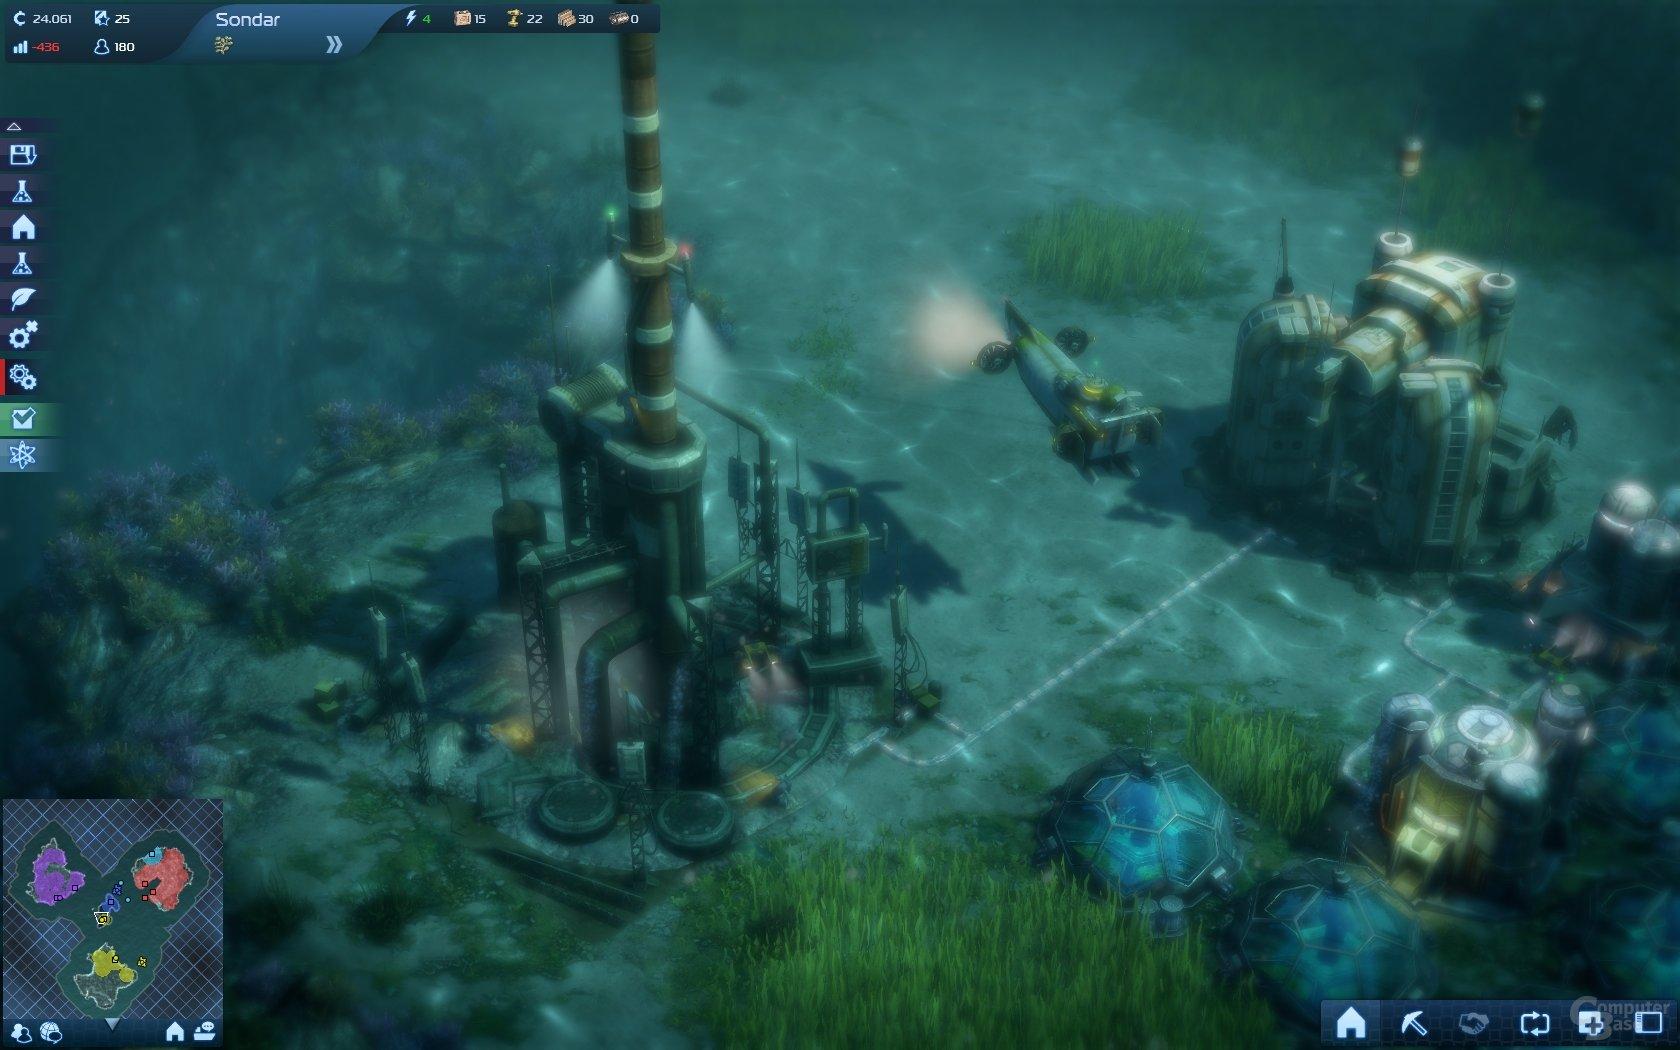 Anno 2070: Mit den Techs kann man auch unter Wasser siedeln